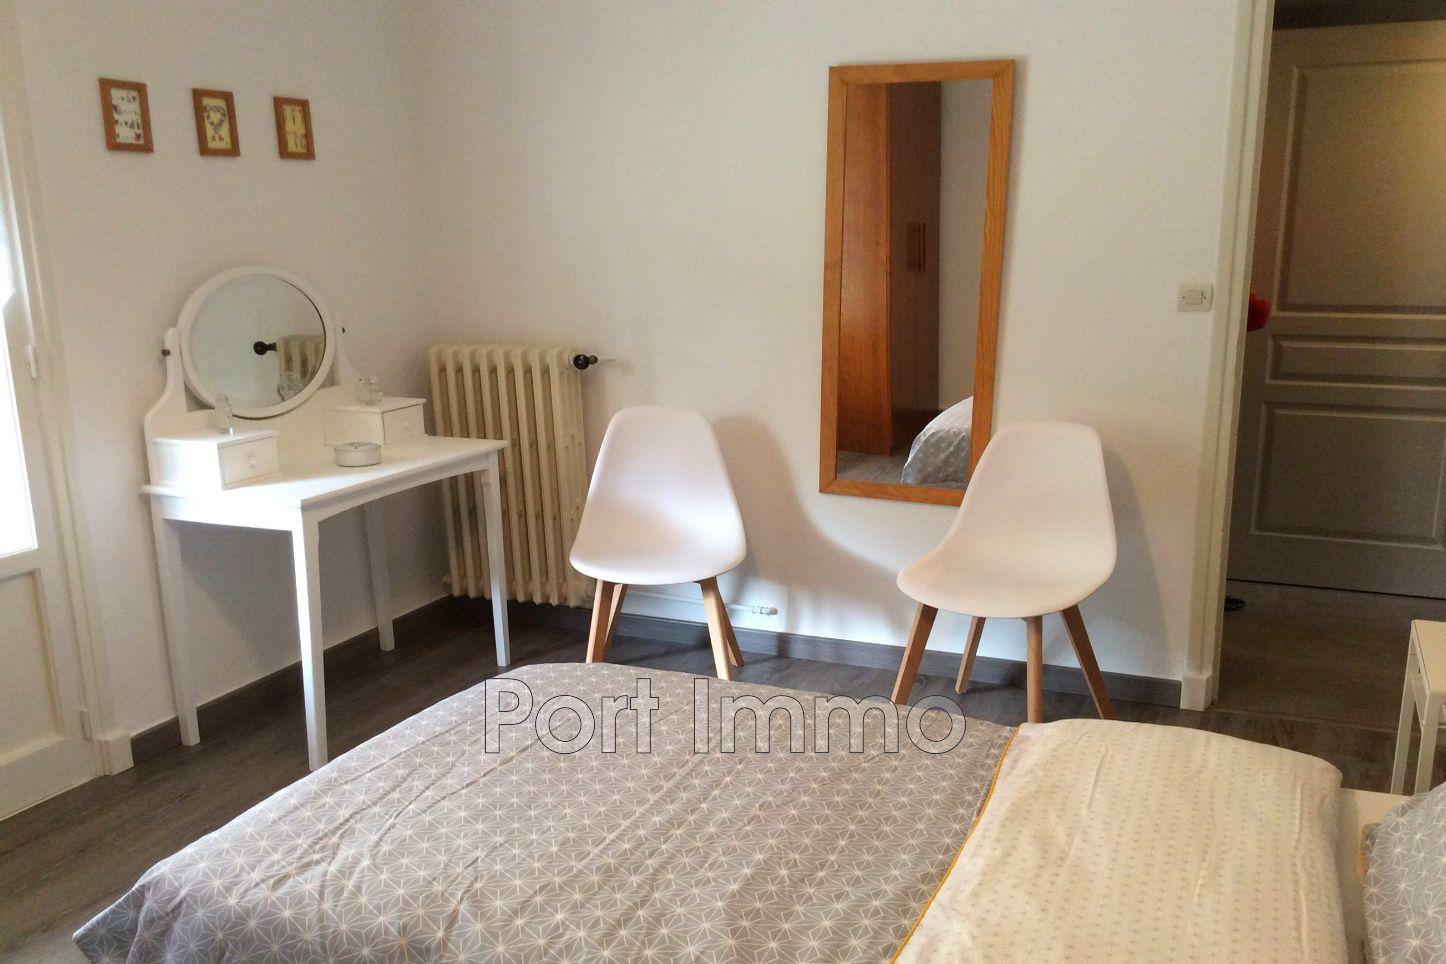 Location Appartement rez-de-jardin Cagnes-sur-Mer 06800 - Prix sur ...